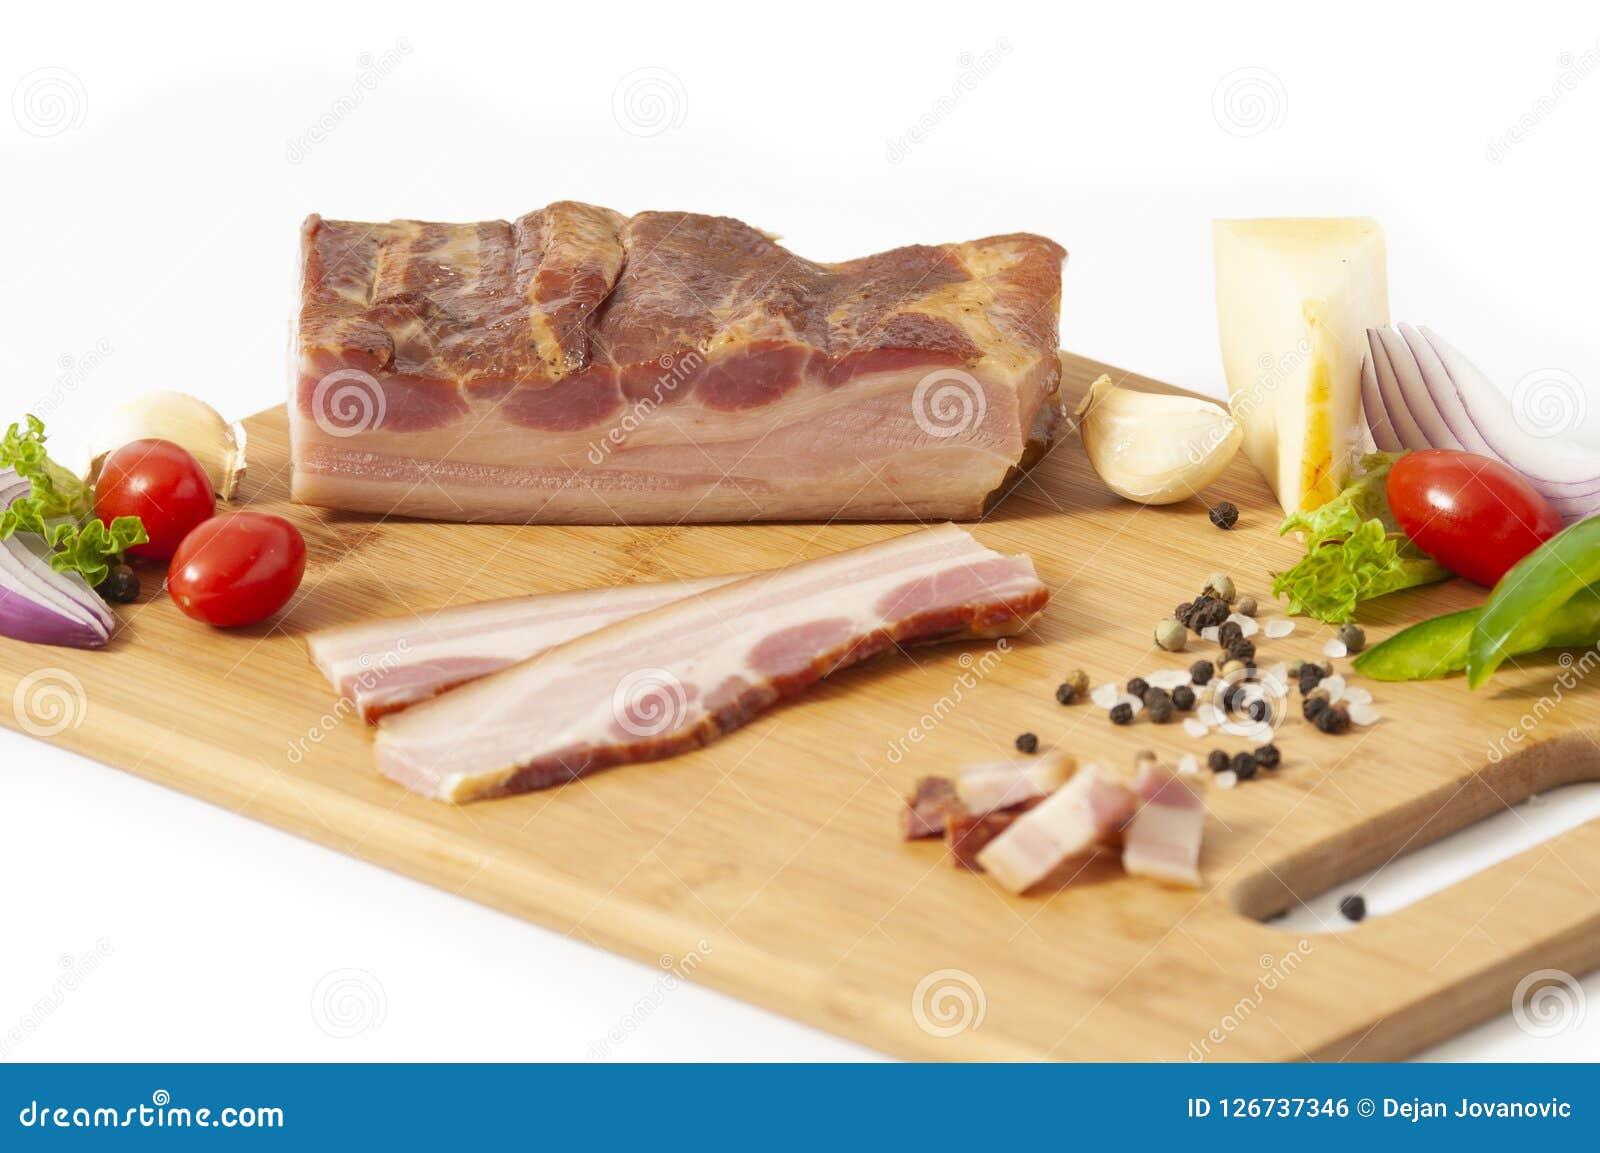 Lastra affumicata del bacon sul tagliere affettato con le verdure